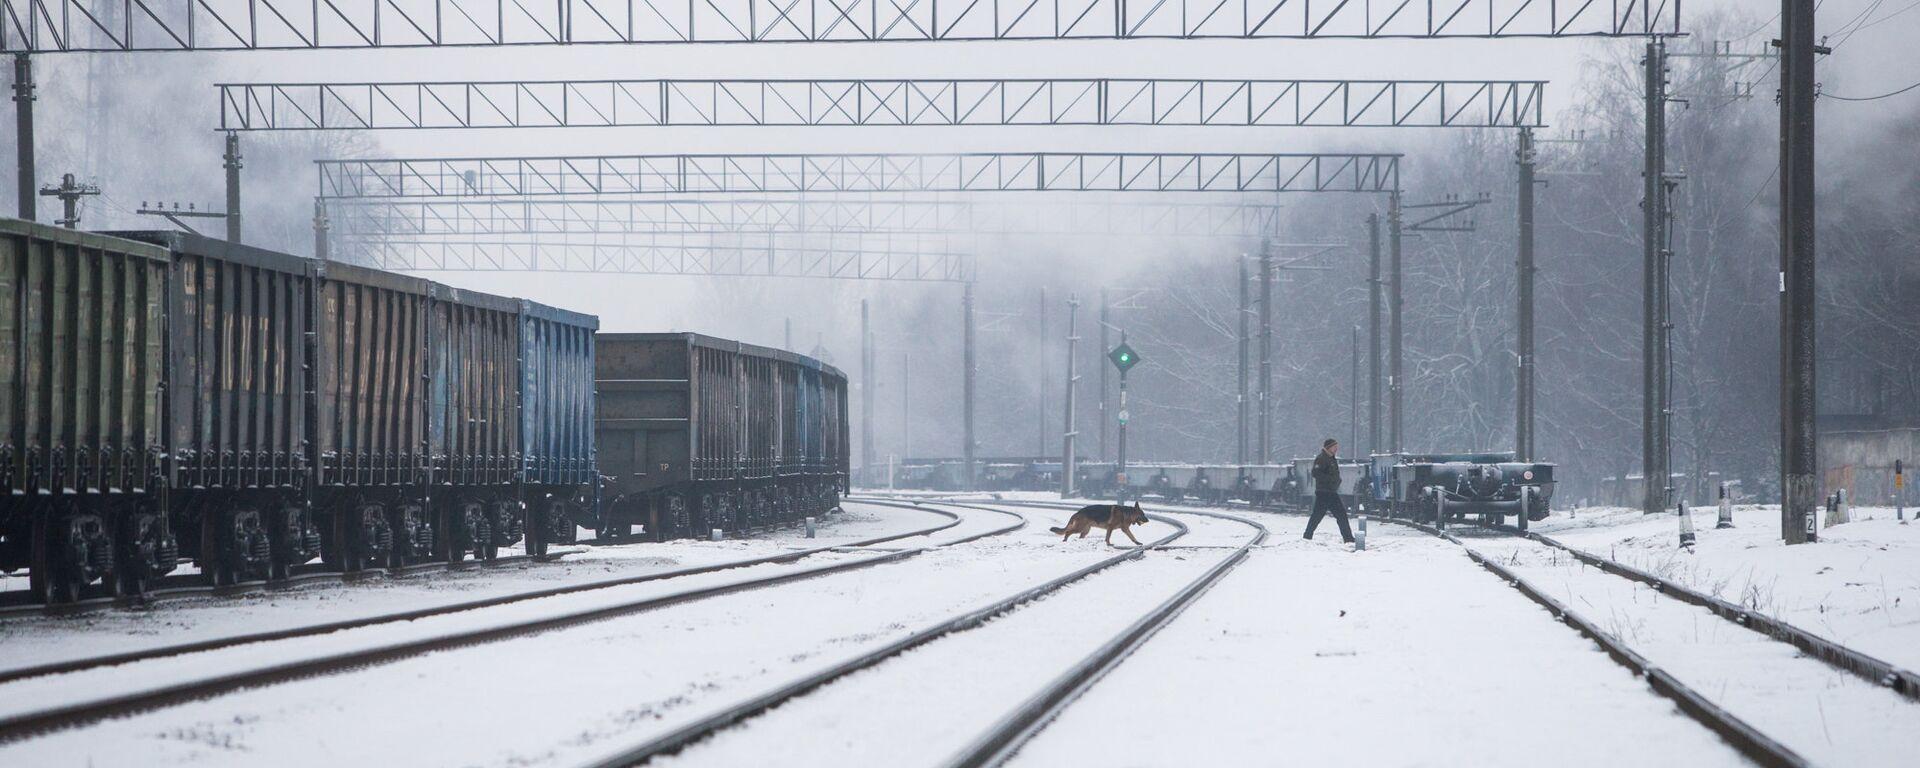 Железнодорожная ветка Рига - Сигулда - Sputnik Latvija, 1920, 04.03.2021